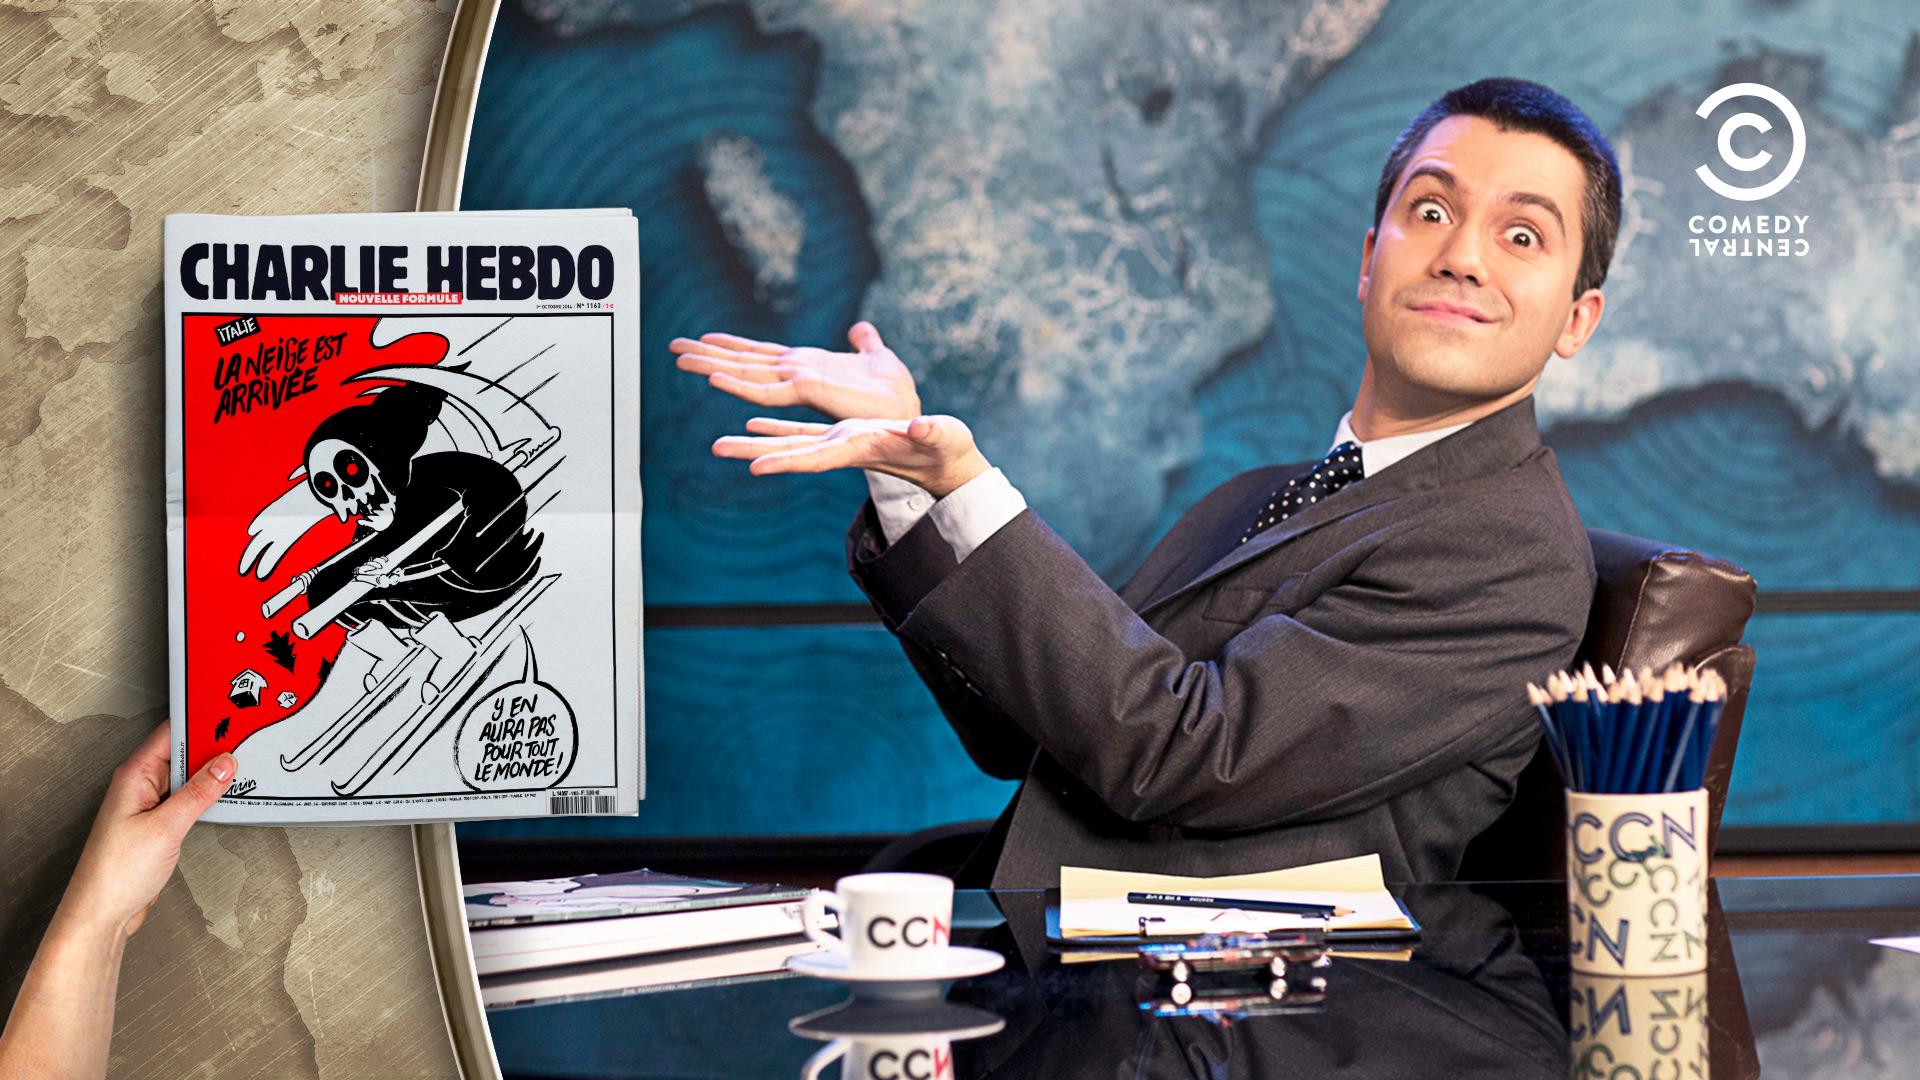 Contributo grafico con una copertina di Charlie Hebdo per la trasmissione televisiva CCN Comedy Central News di Saverio Raimondo